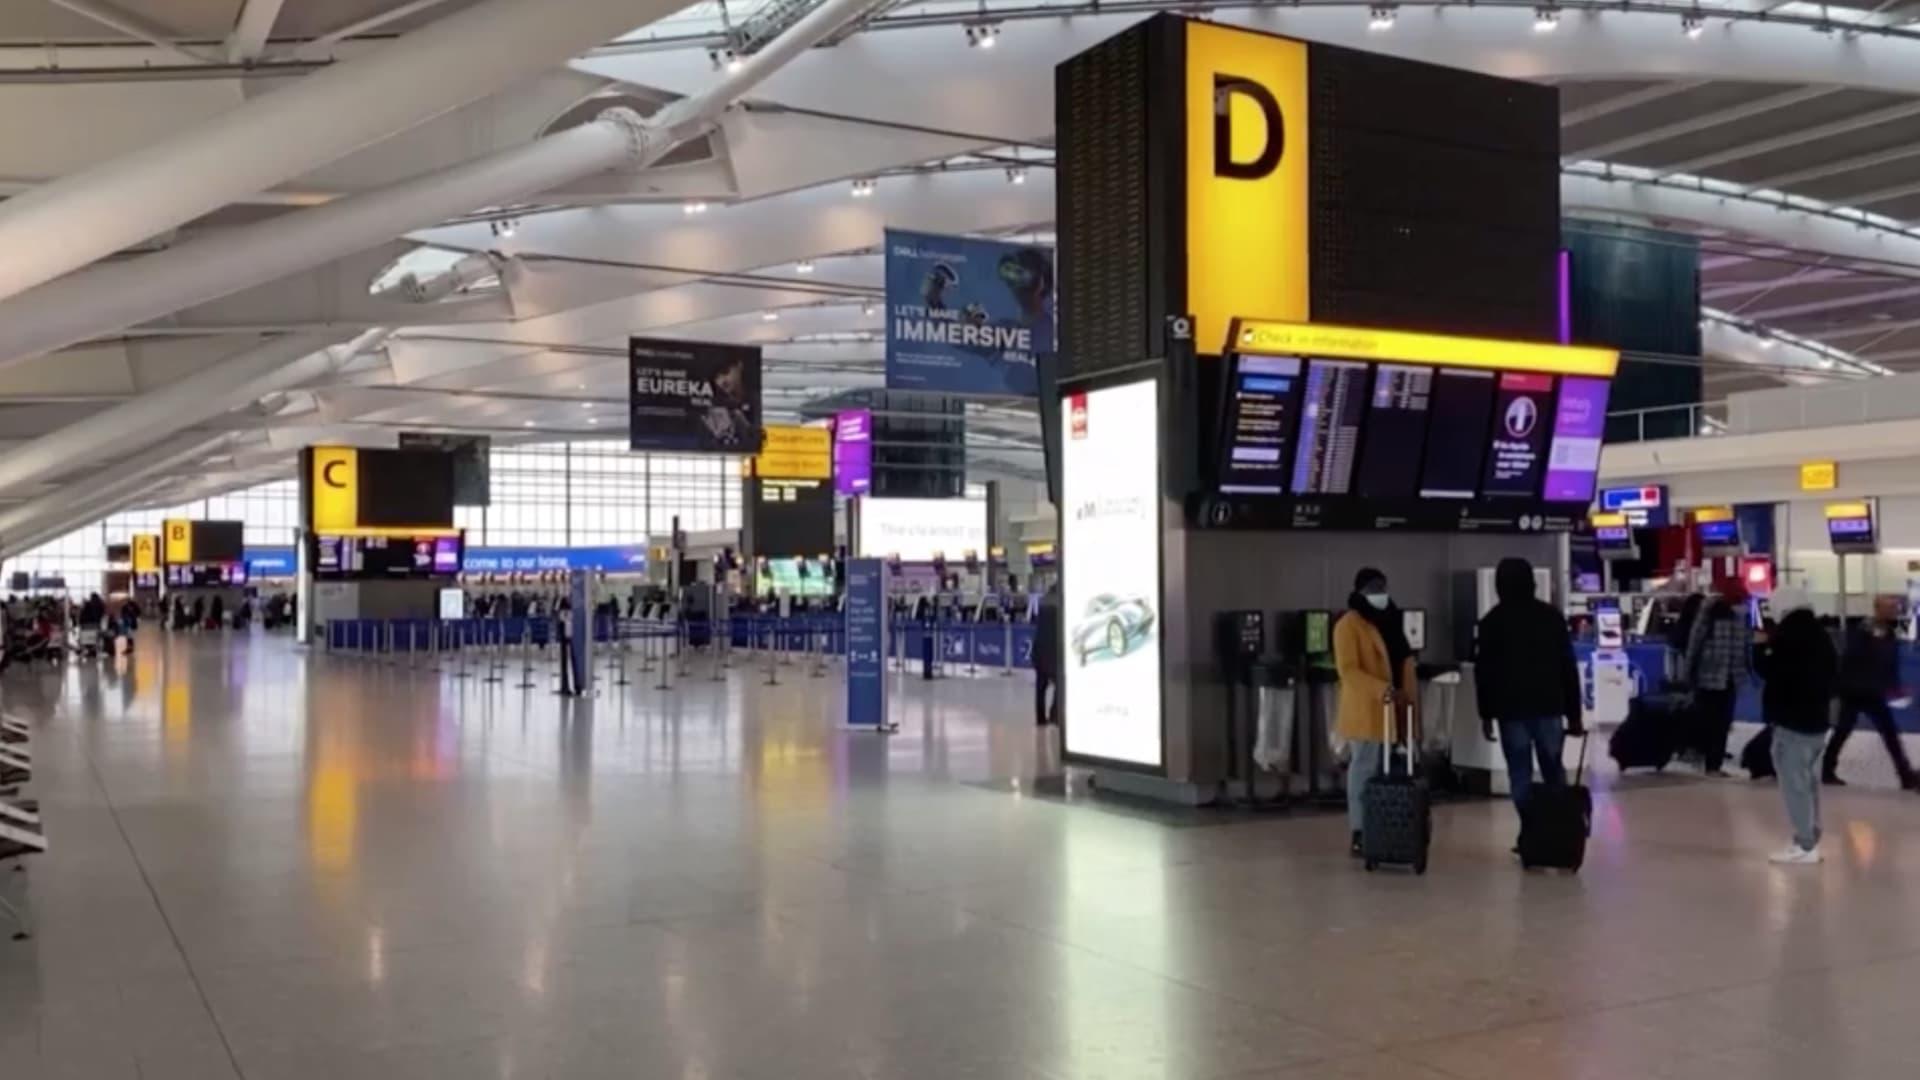 مطارات المملكة المتحدة تستعد لسياسة الحجر الصحي الفندقي على النفقة الخاصة للمسافرين